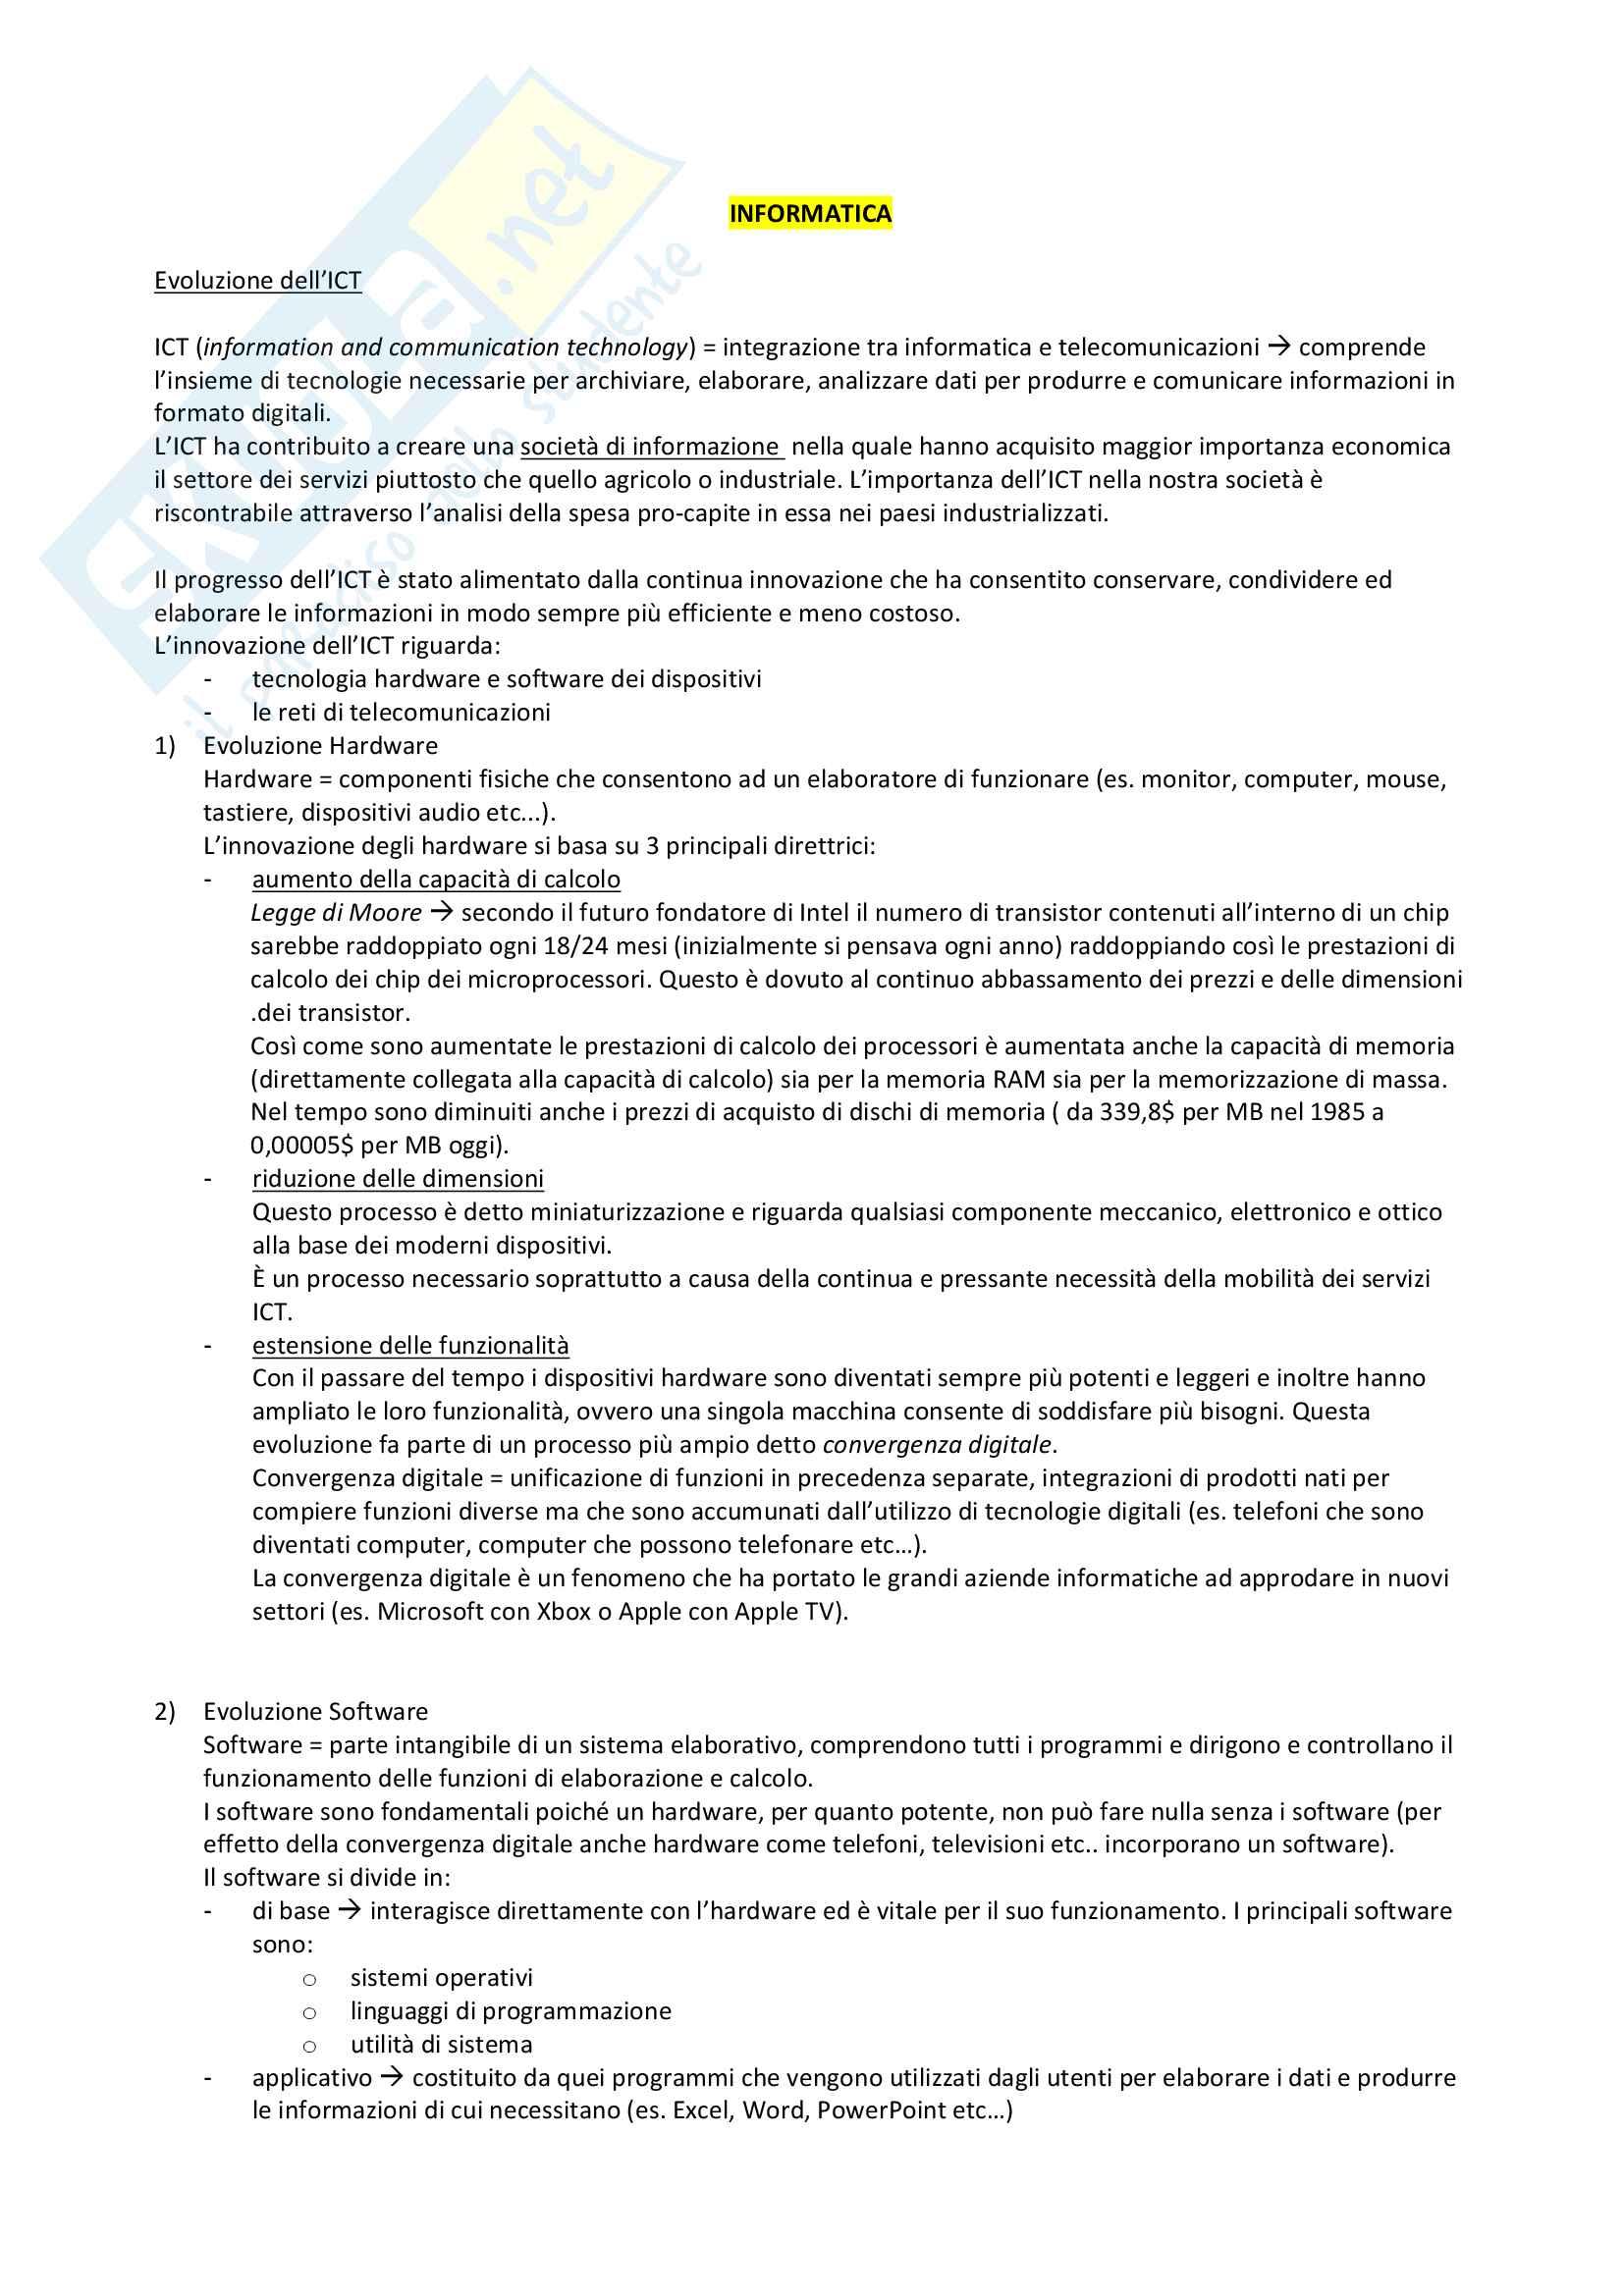 Corso Informatica Bocconi - Appunti Completi